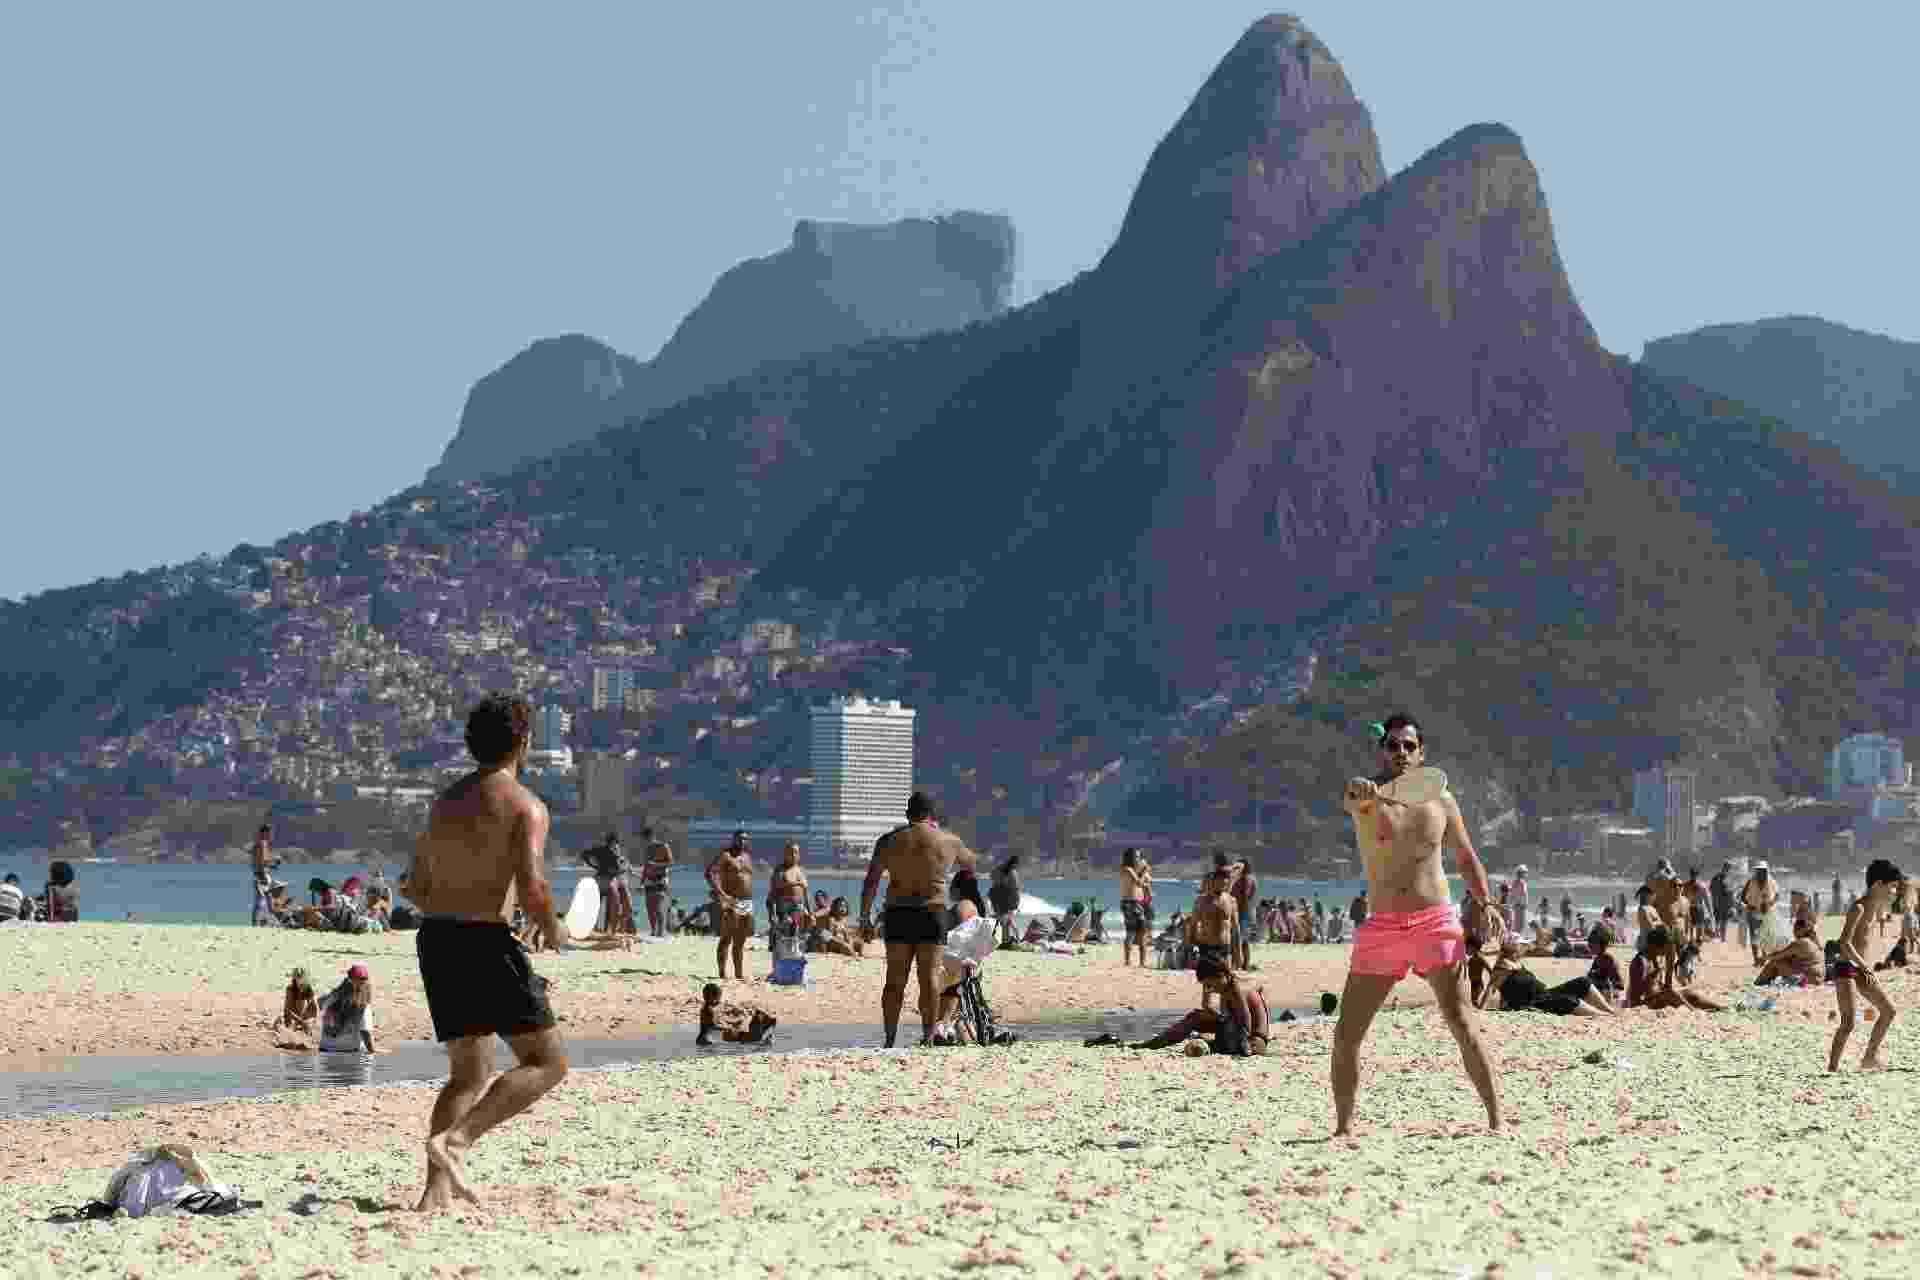 25.jul.2020 - Movimentação de banhistas na areia da praia de Ipanema, na cidade do Rio de Janeiro - DIKRAN JUNIOR/ESTADÃO CONTEÚDO